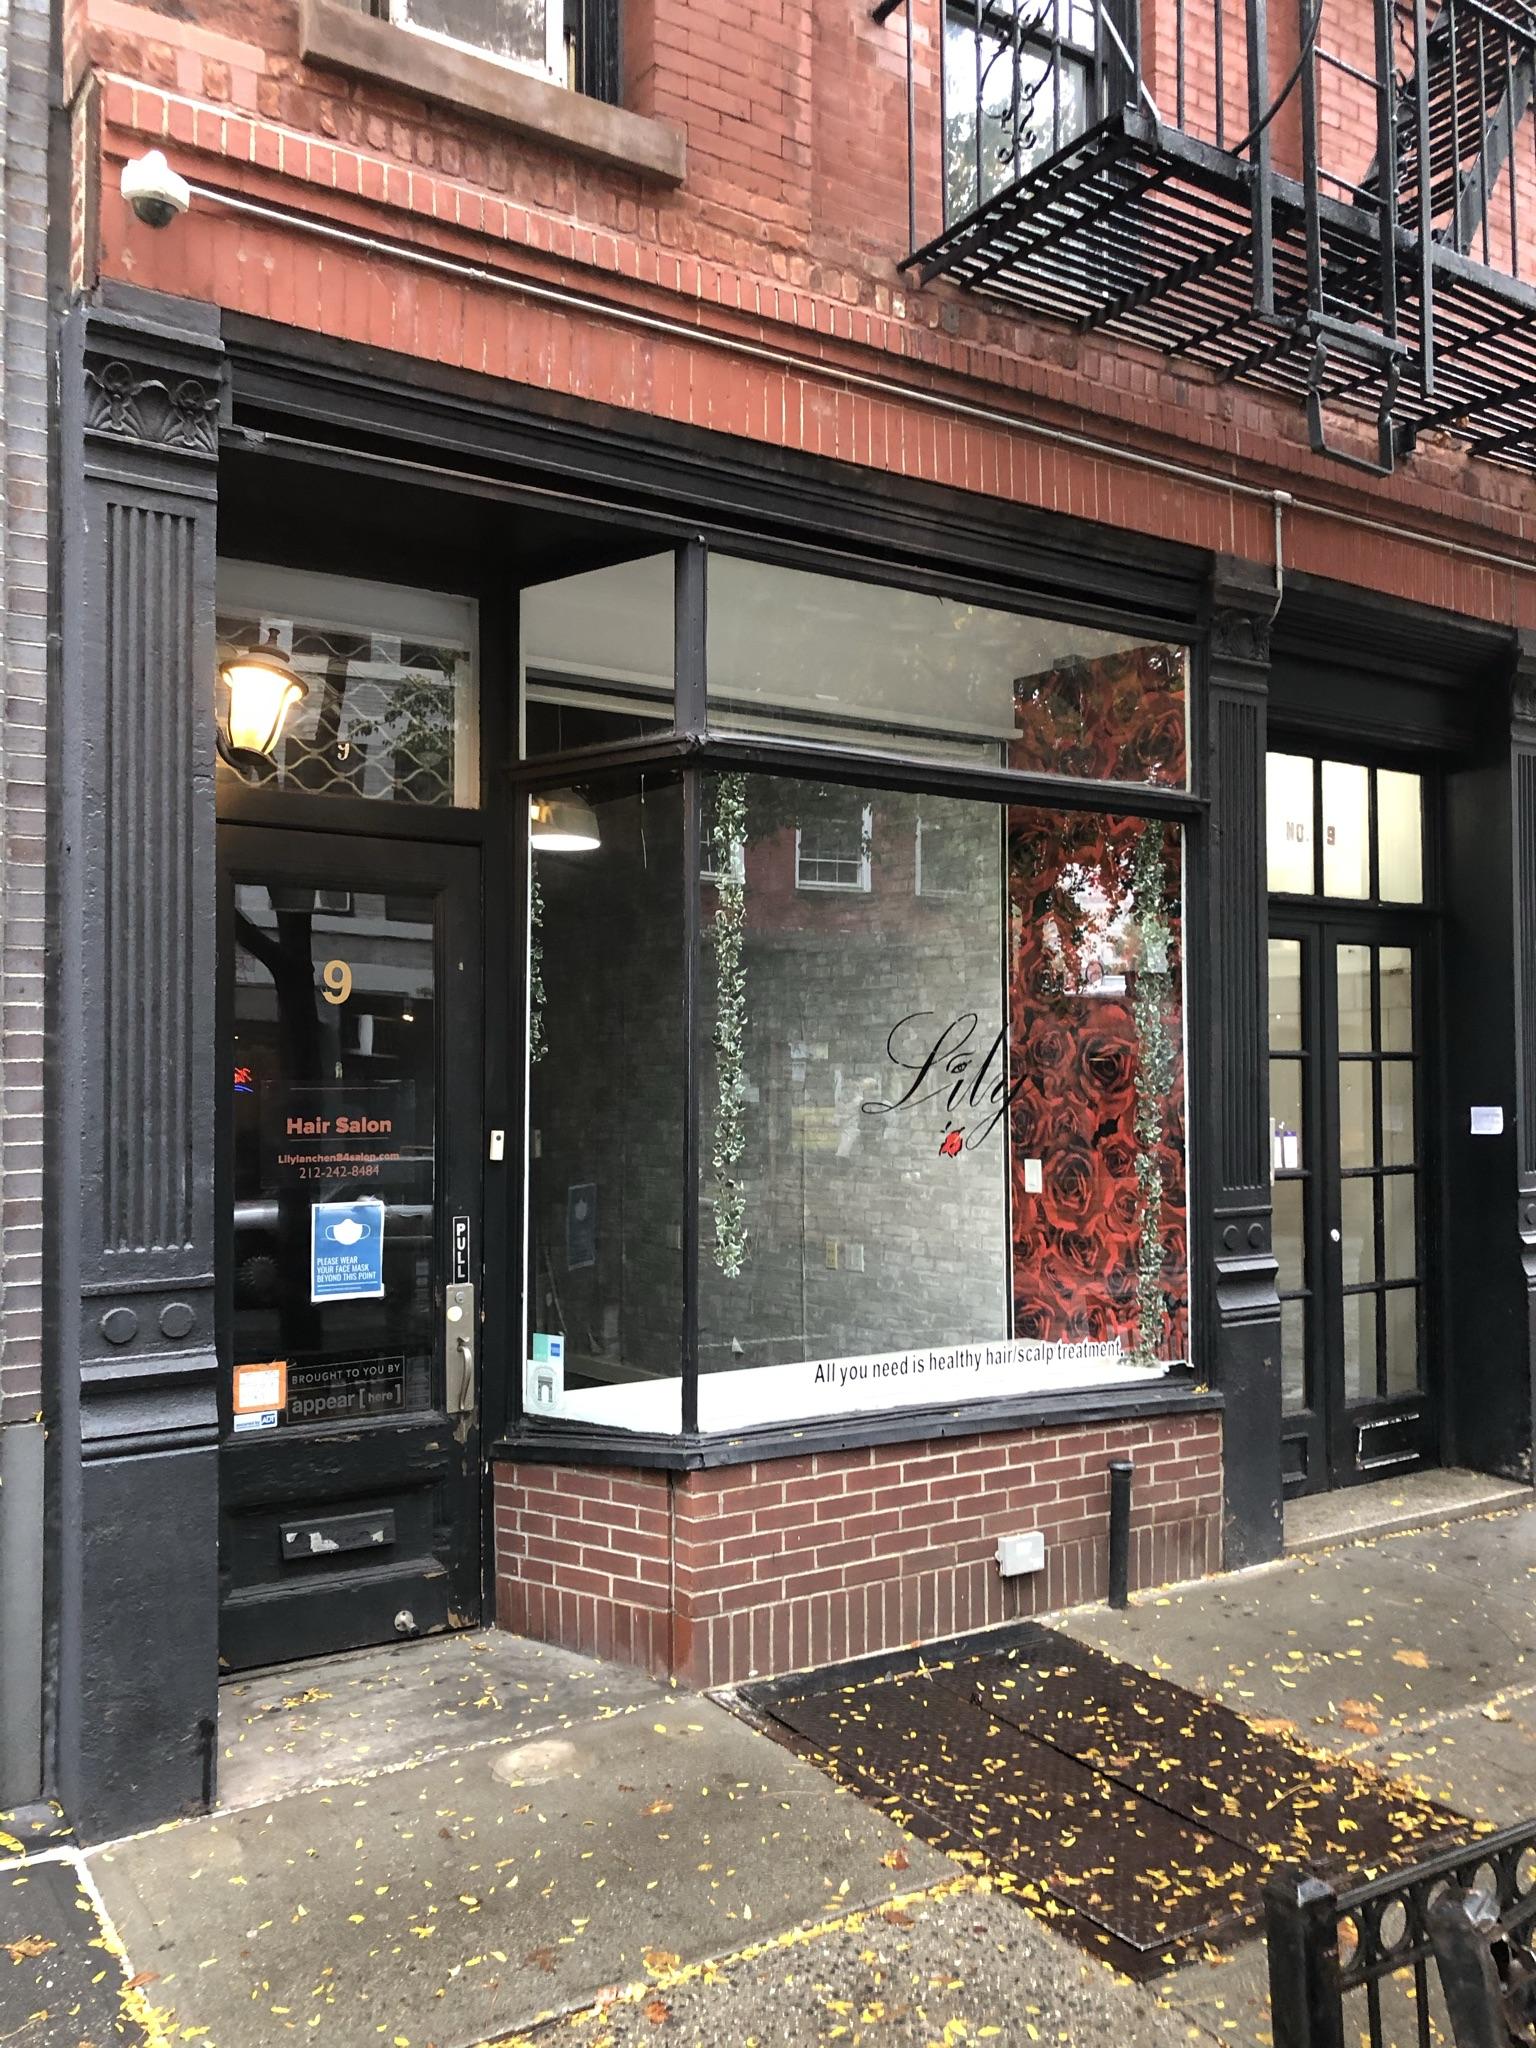 Rent Reduced!  West Village Retail / Salon Space